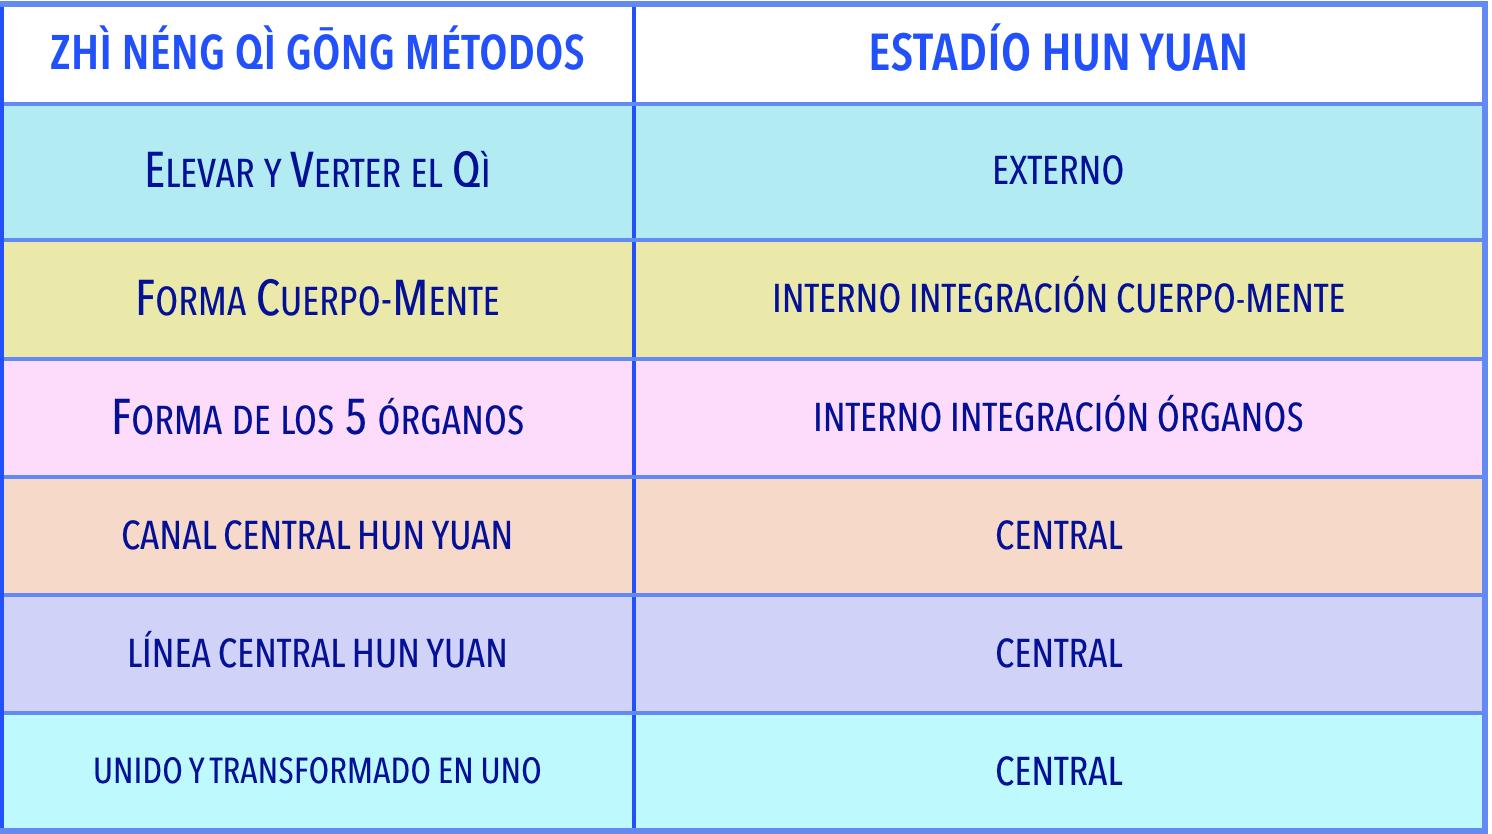 ZNQG métodos